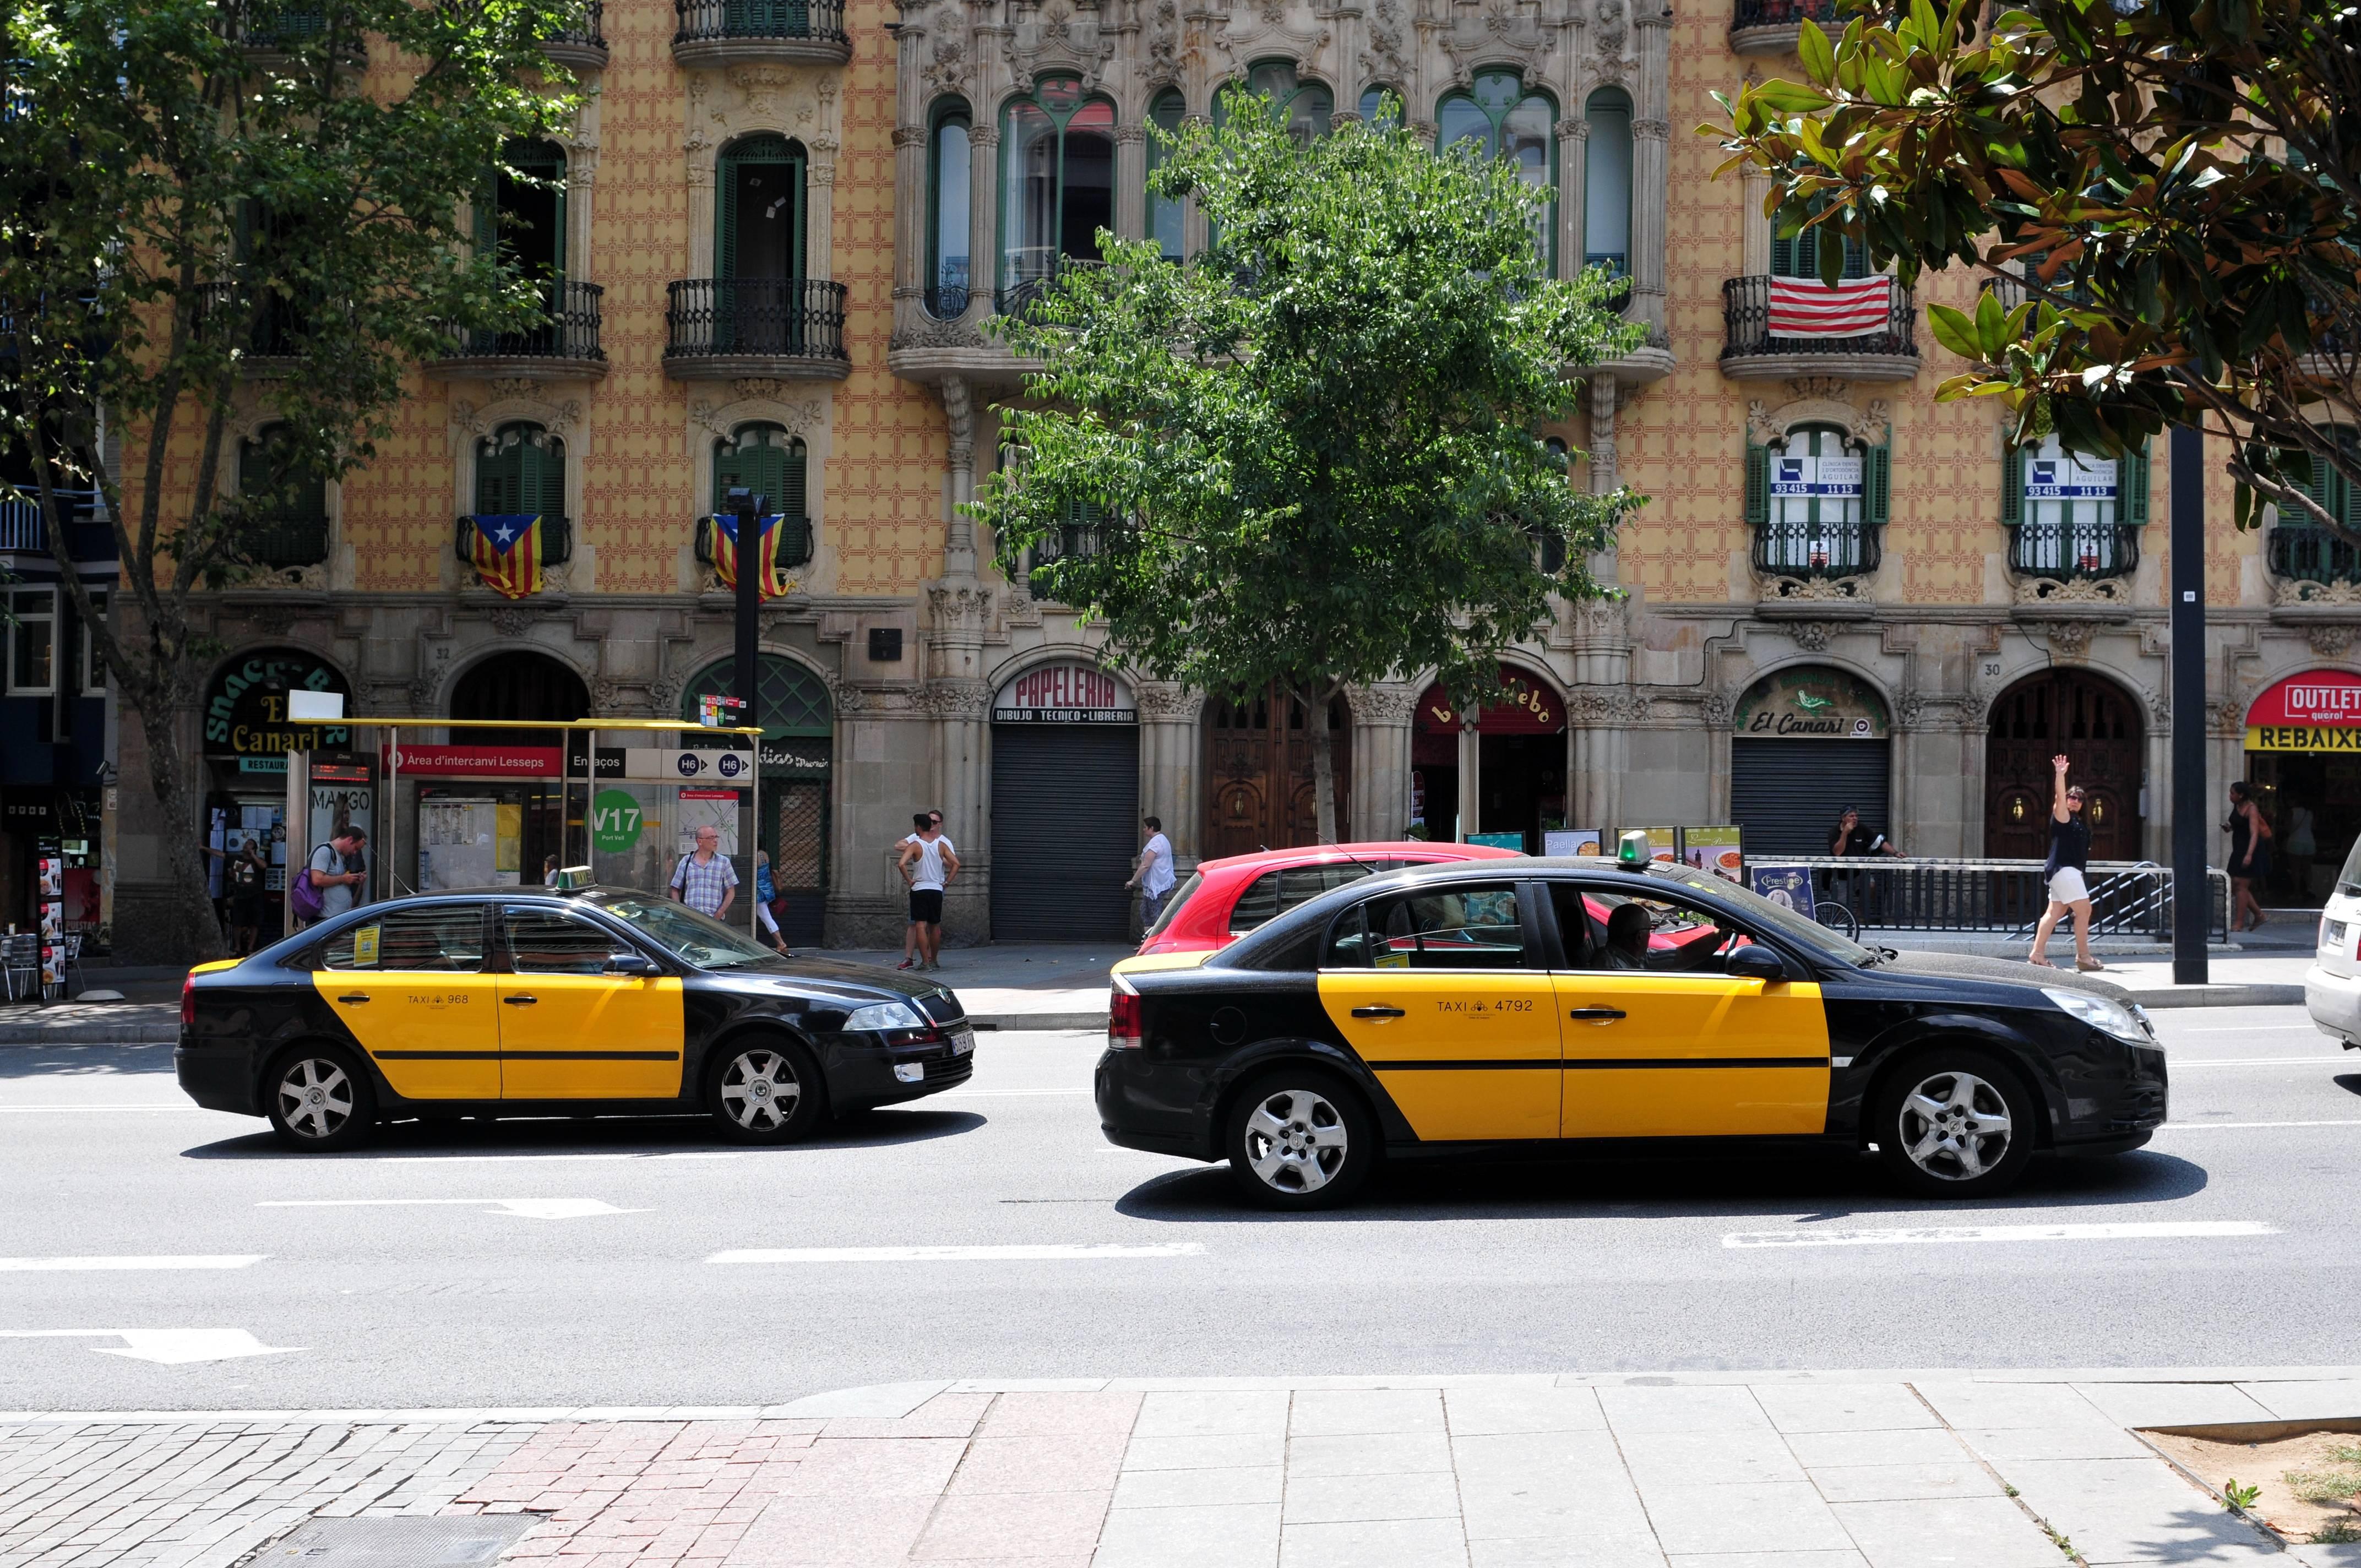 Поездка на такси в барселоне: тарифы и правила. испания по-русски - все о жизни в испании